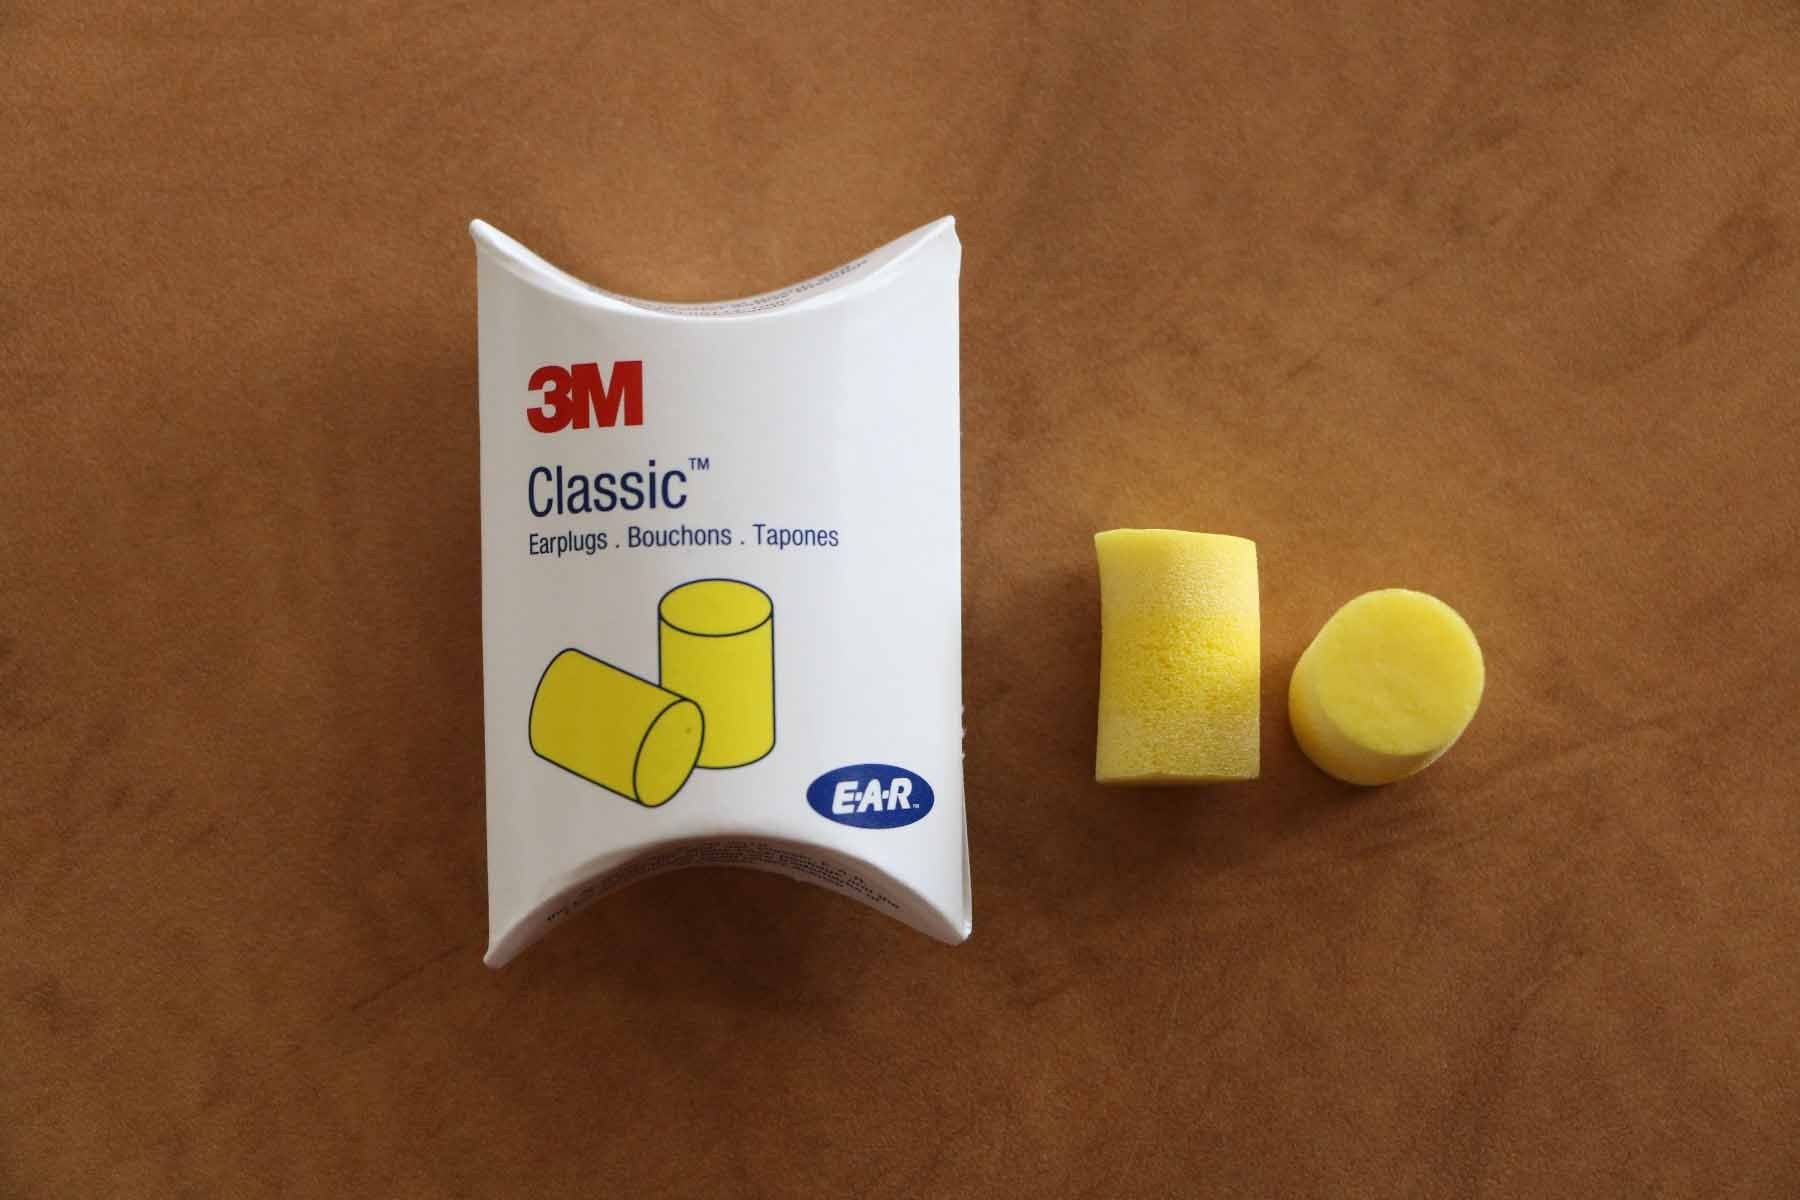 3M Classic Single Use Ear Plug